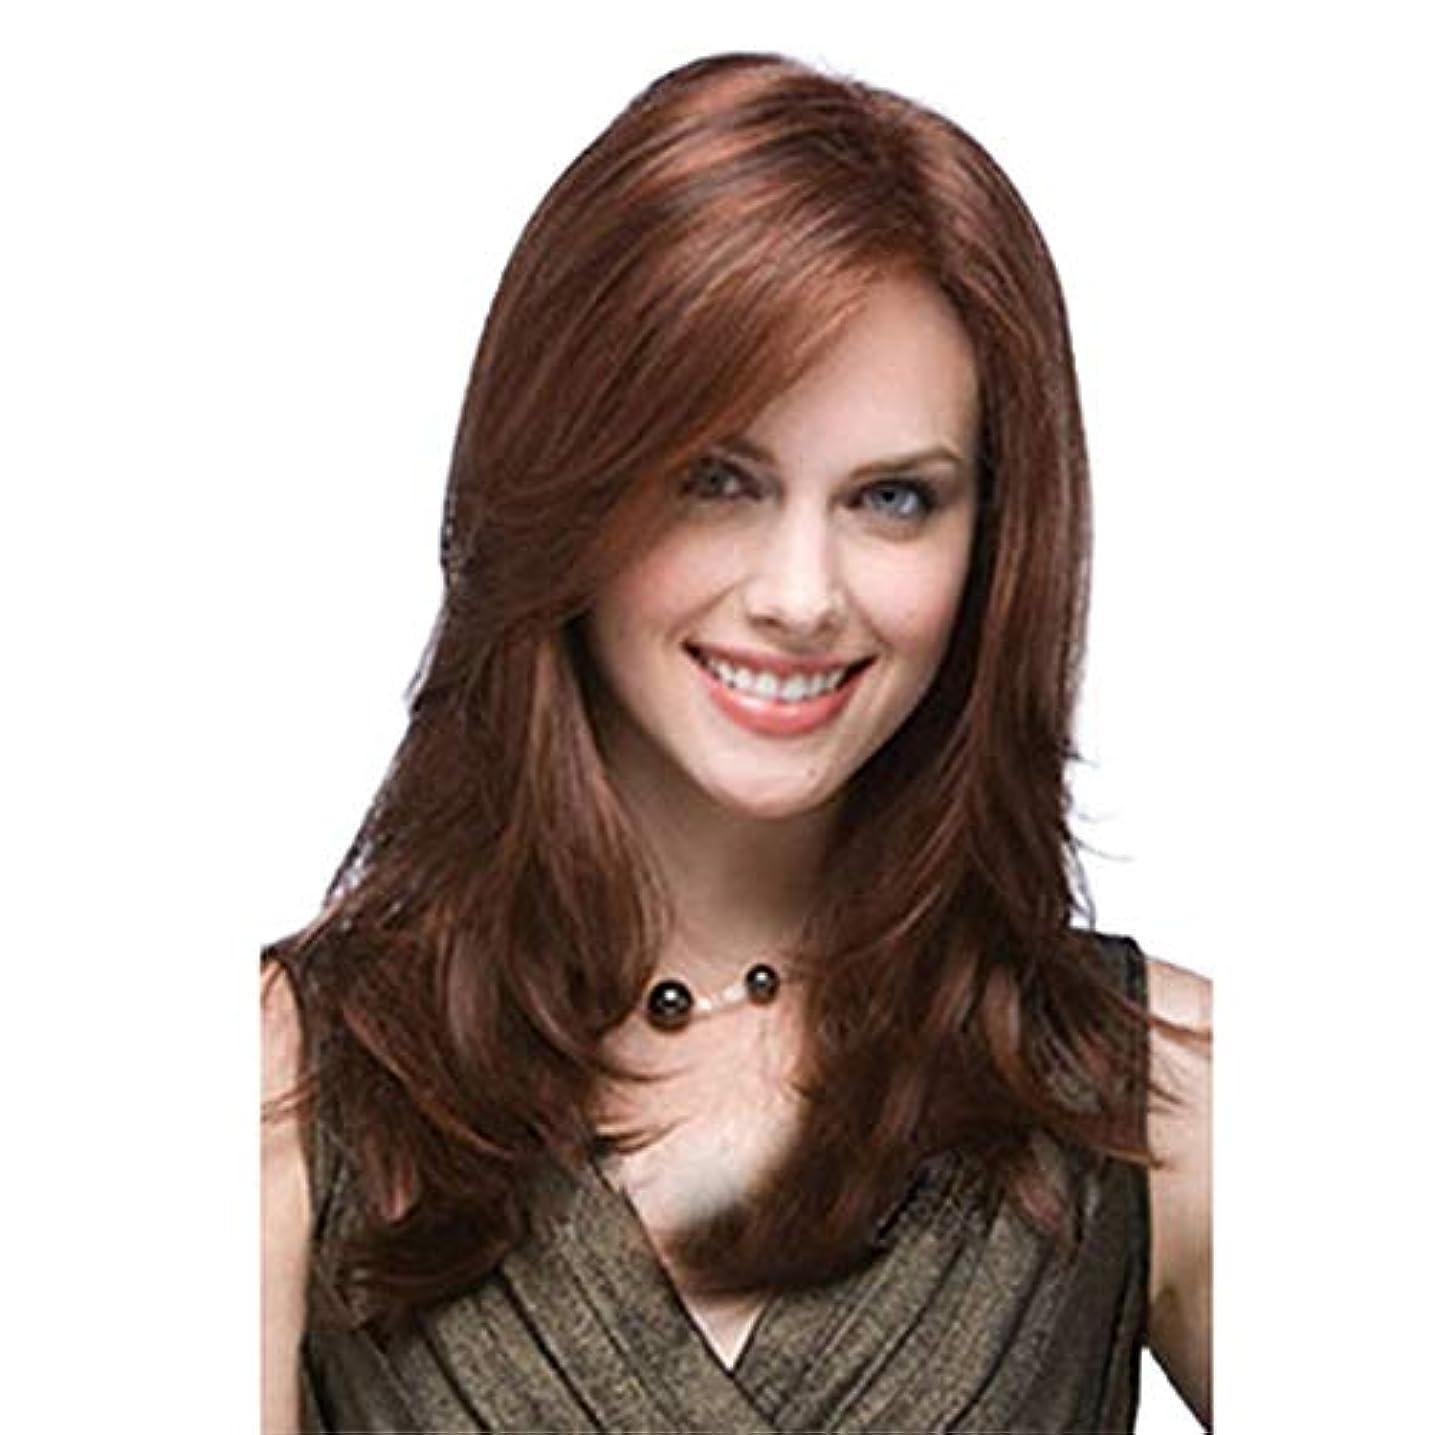 印をつける介入する栄養毎日のための長い波状の合成レースフロントウィッグ耐熱完全な頭部の髪の交換ウィッグ着用や実毛髪のようコスチュームウィッグナチュラル